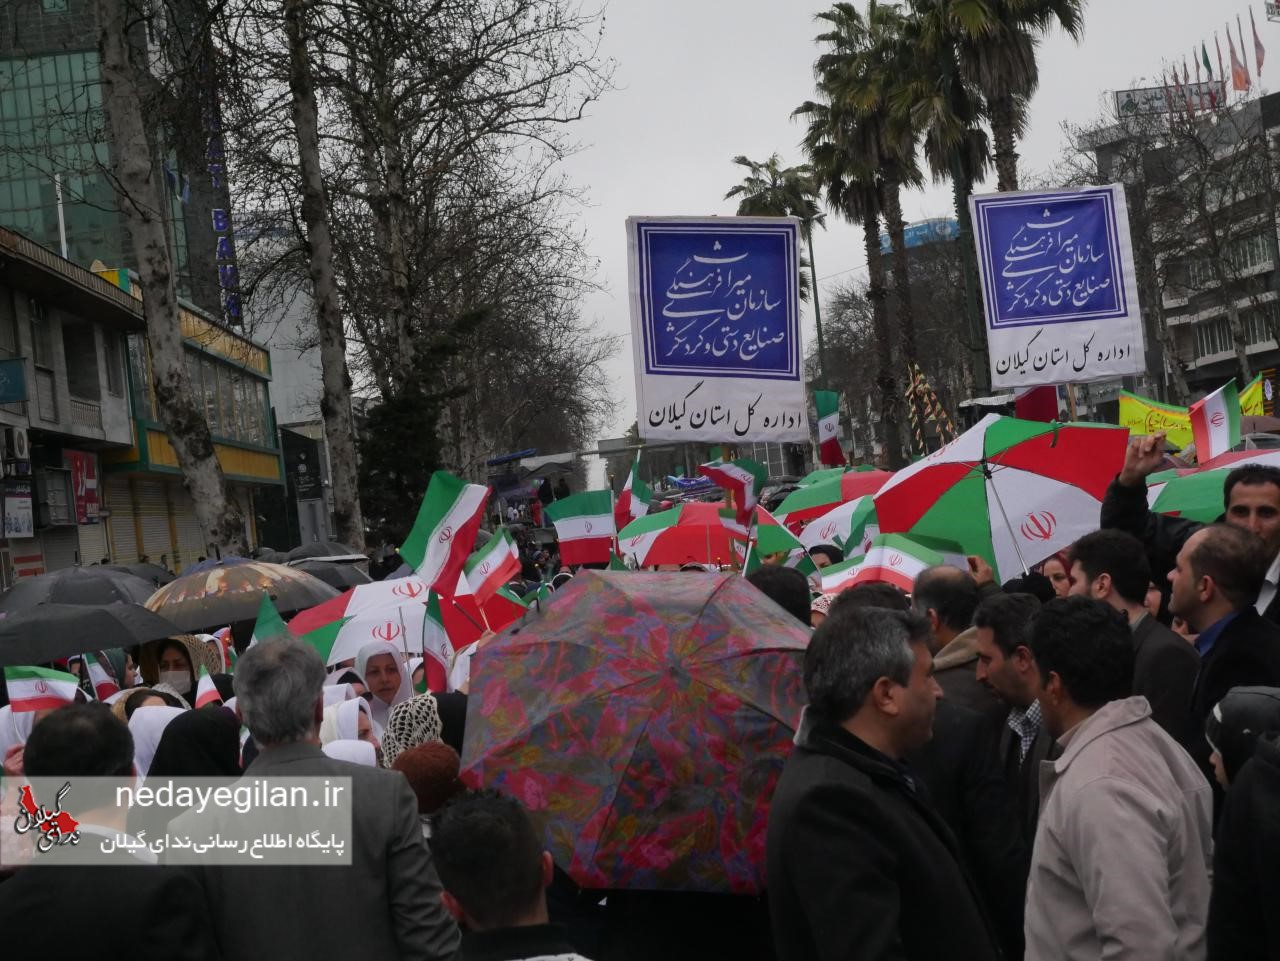 گزارش تصویری راهپیمایی 22 بهمن در رشت (1)